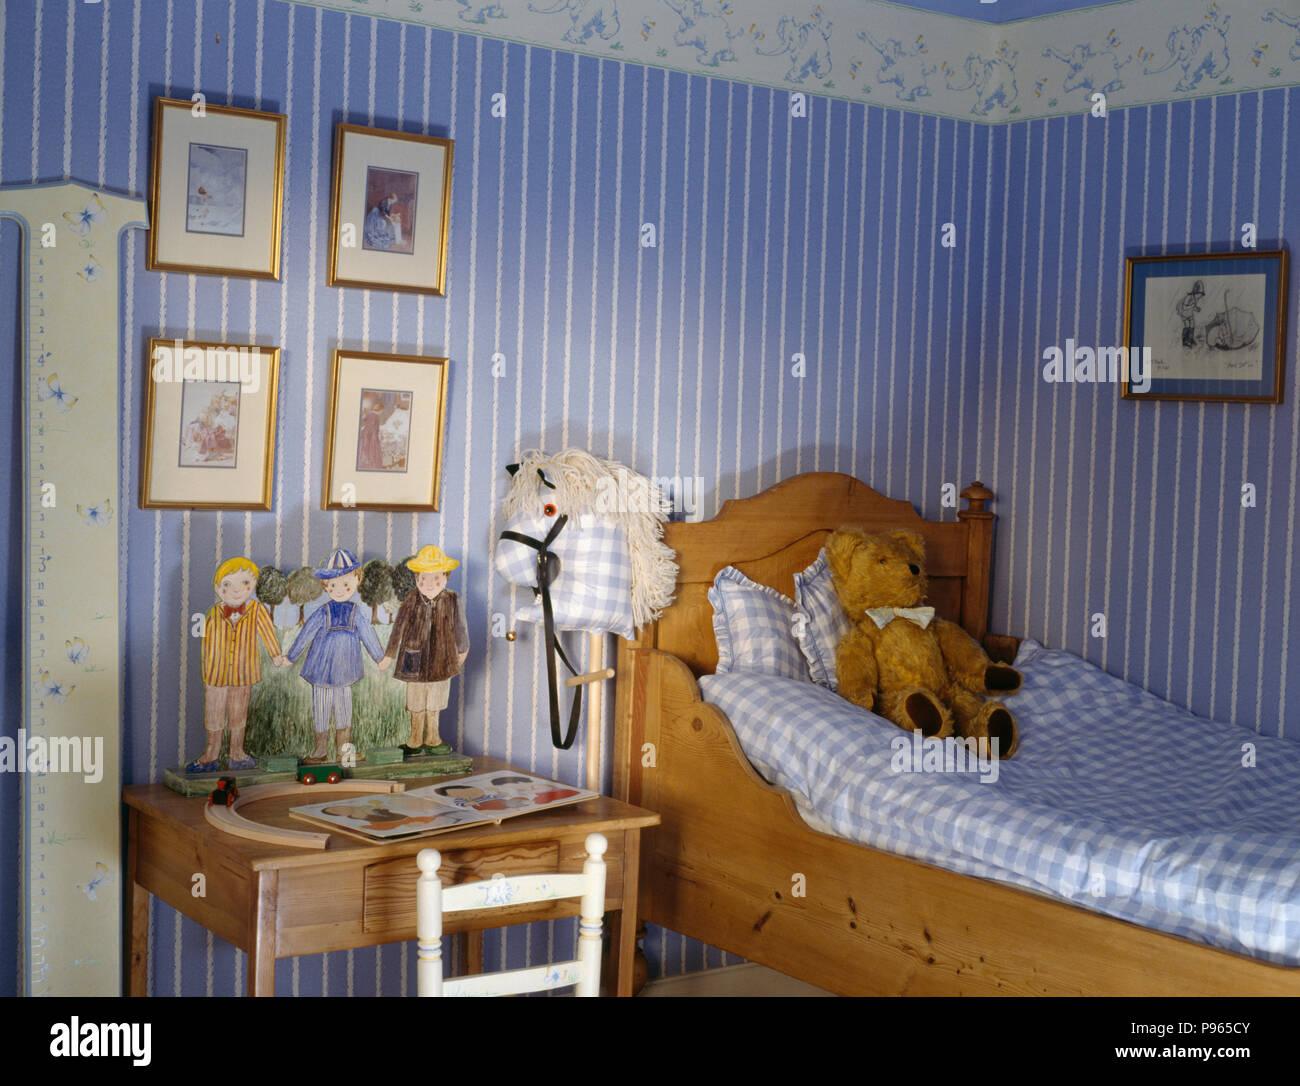 Blau Gestreifte Tapete Im Kinderzimmer Mit Einem Bett Stockfoto